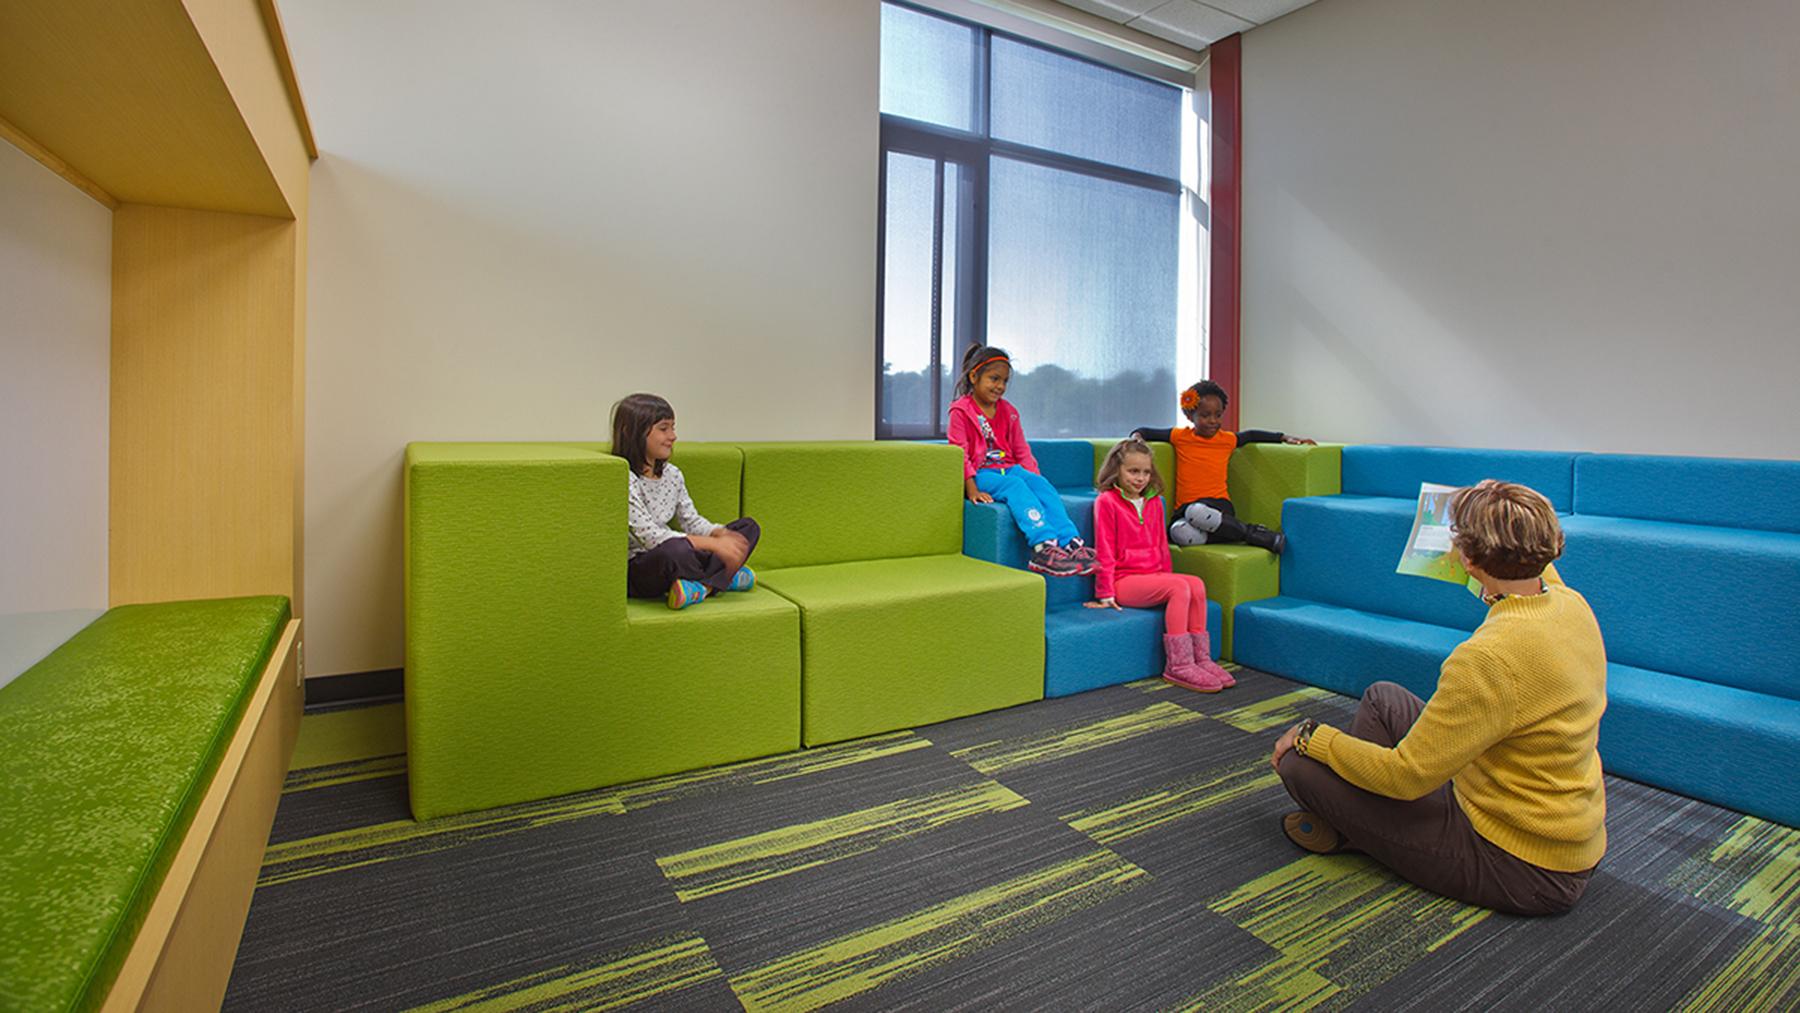 Lake-Mills-Elementary_Seating_Kids__1800x1013